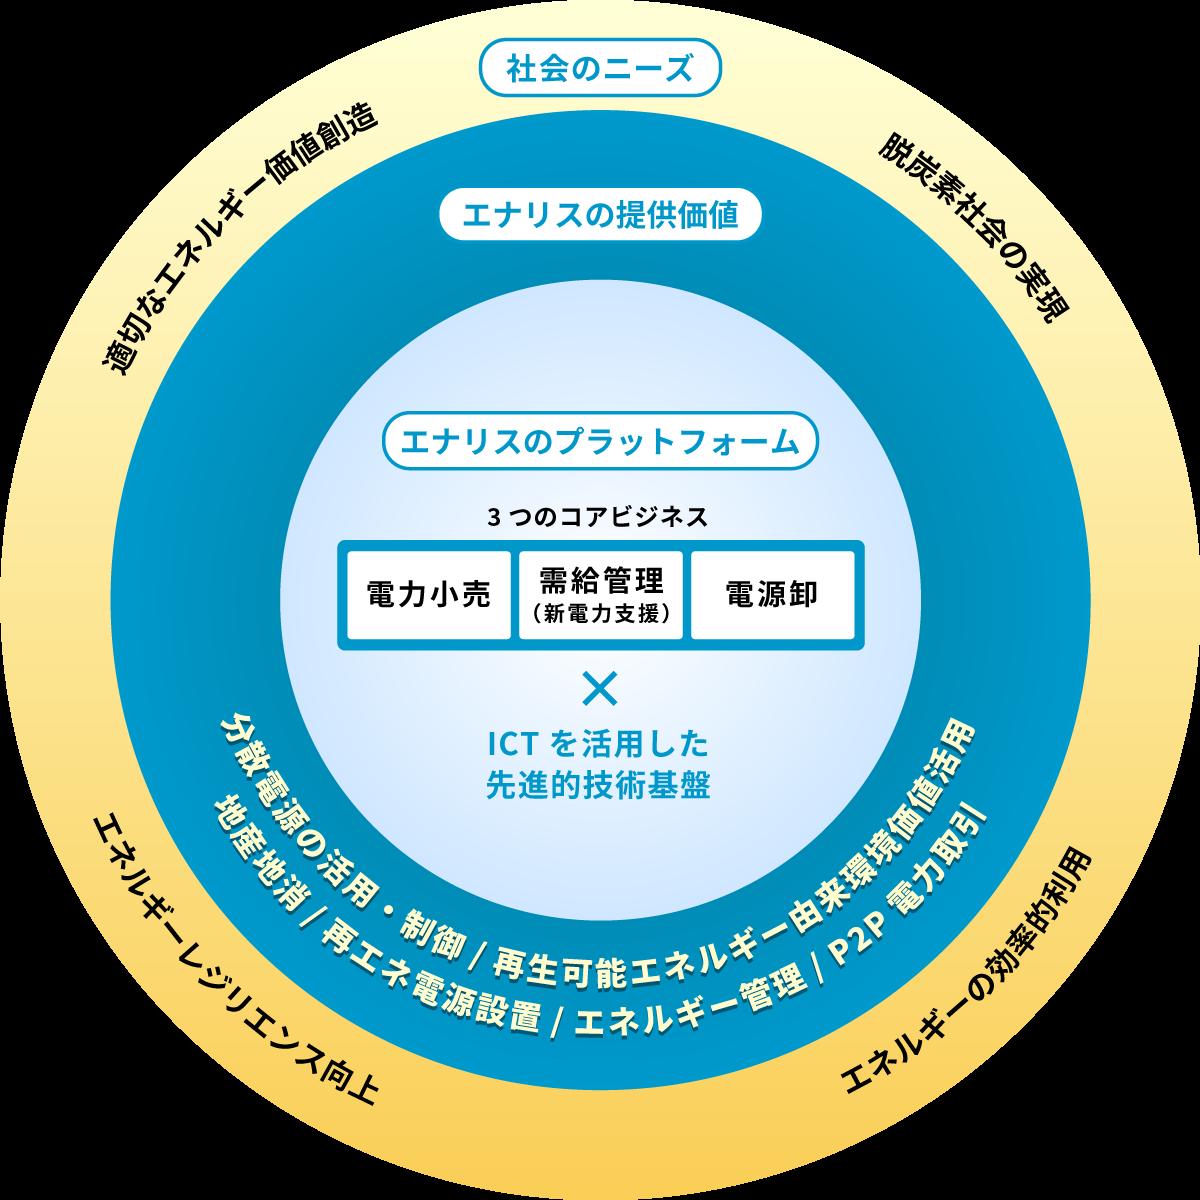 事業領域概念図